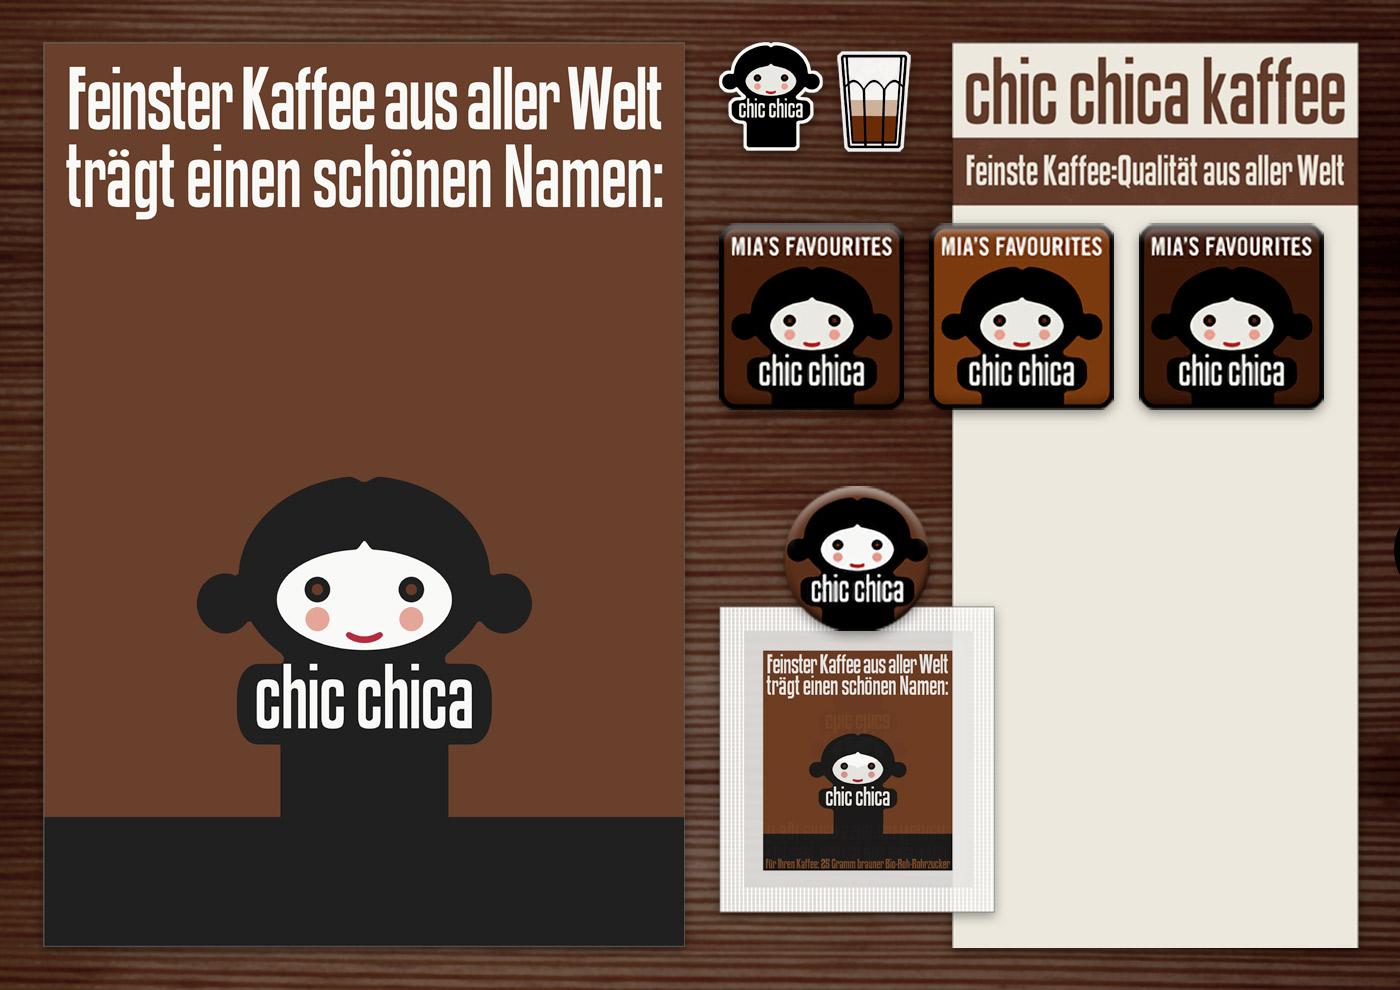 Corporate Identity, Logo und Grafik Design für Werbung, Verpackung, Poster, Postkarten, Flyer, Zuckertütchen, Aufkleber, Magnete, Notizzetteln und Buttons mit Püppchen für Lily Lux Chic Chica Kaffee